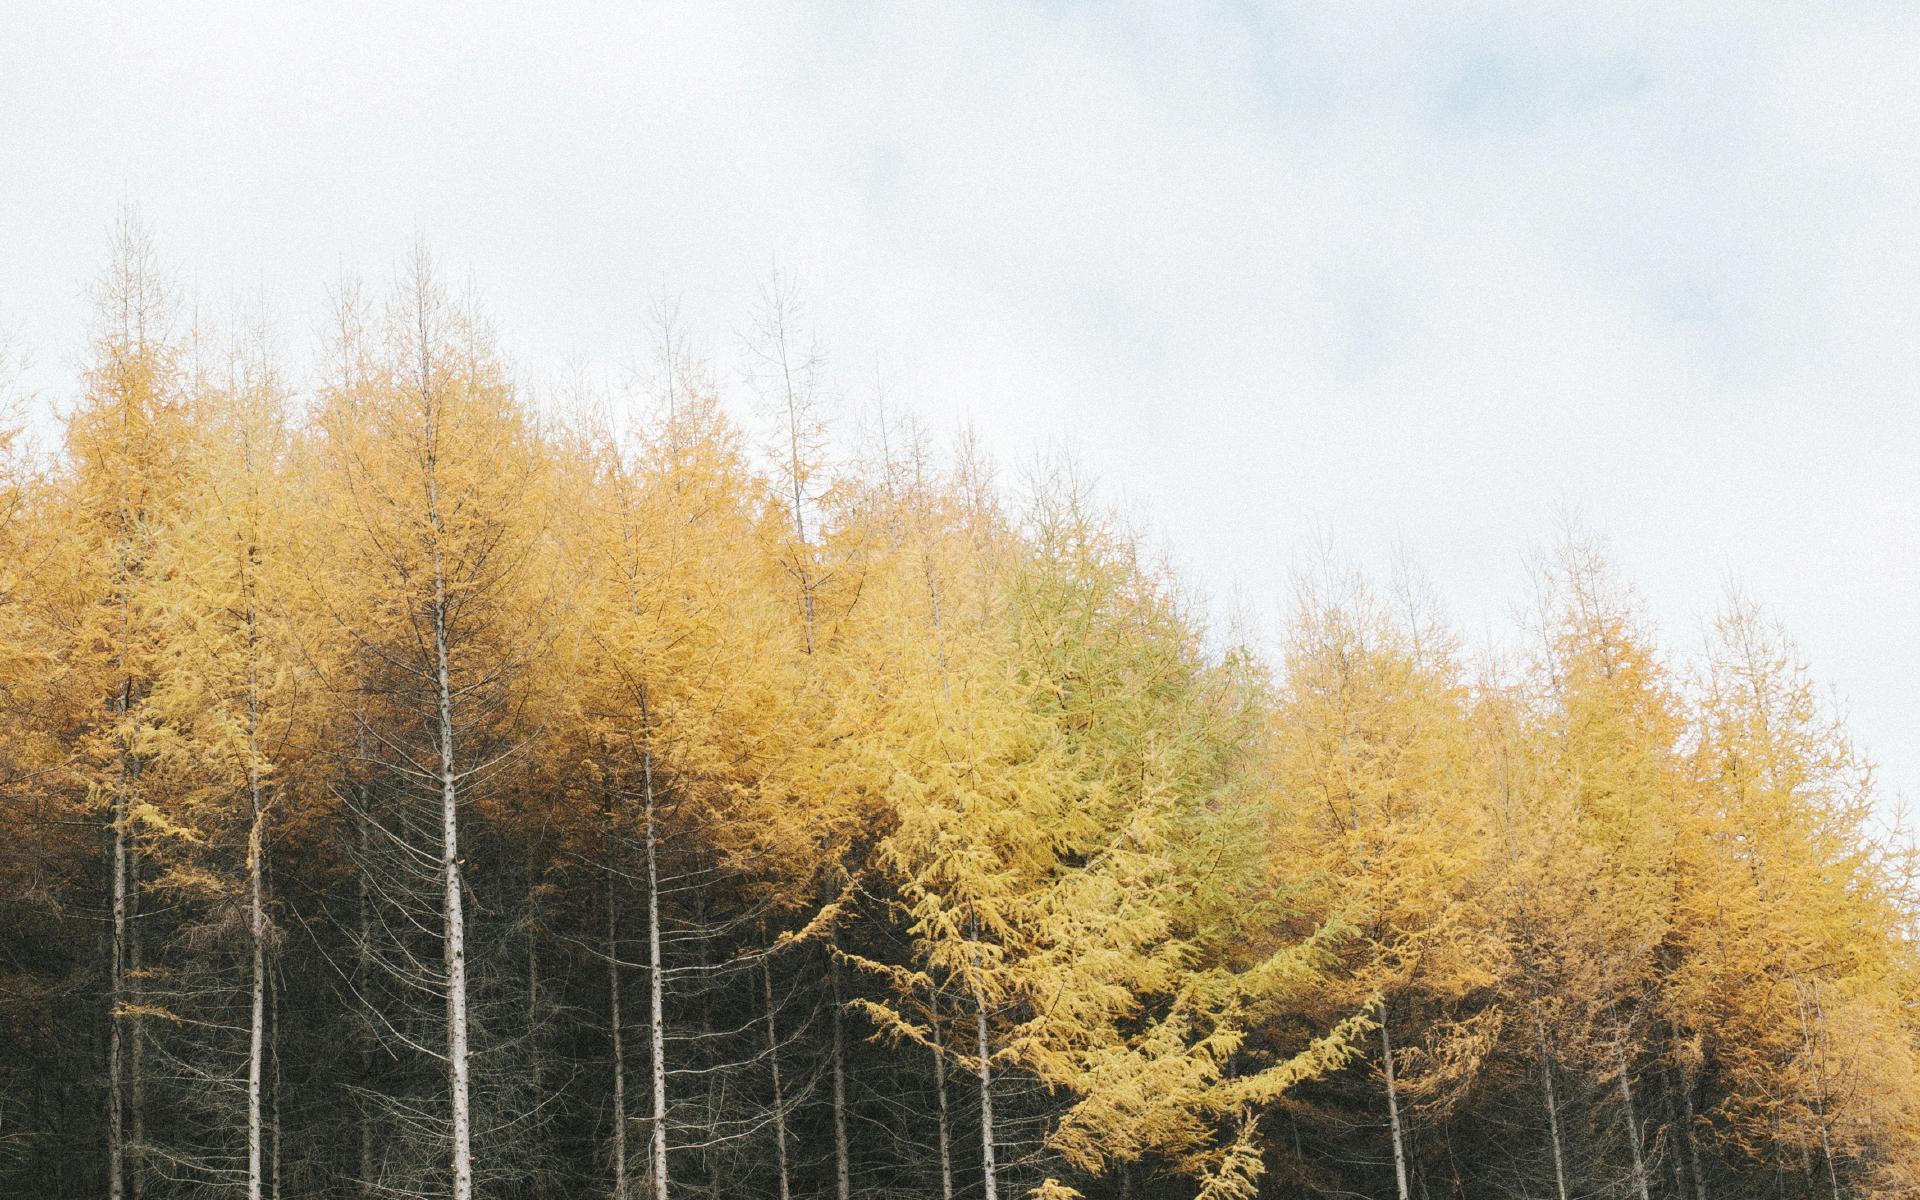 初秋优美自然风景高清图片桌面壁纸